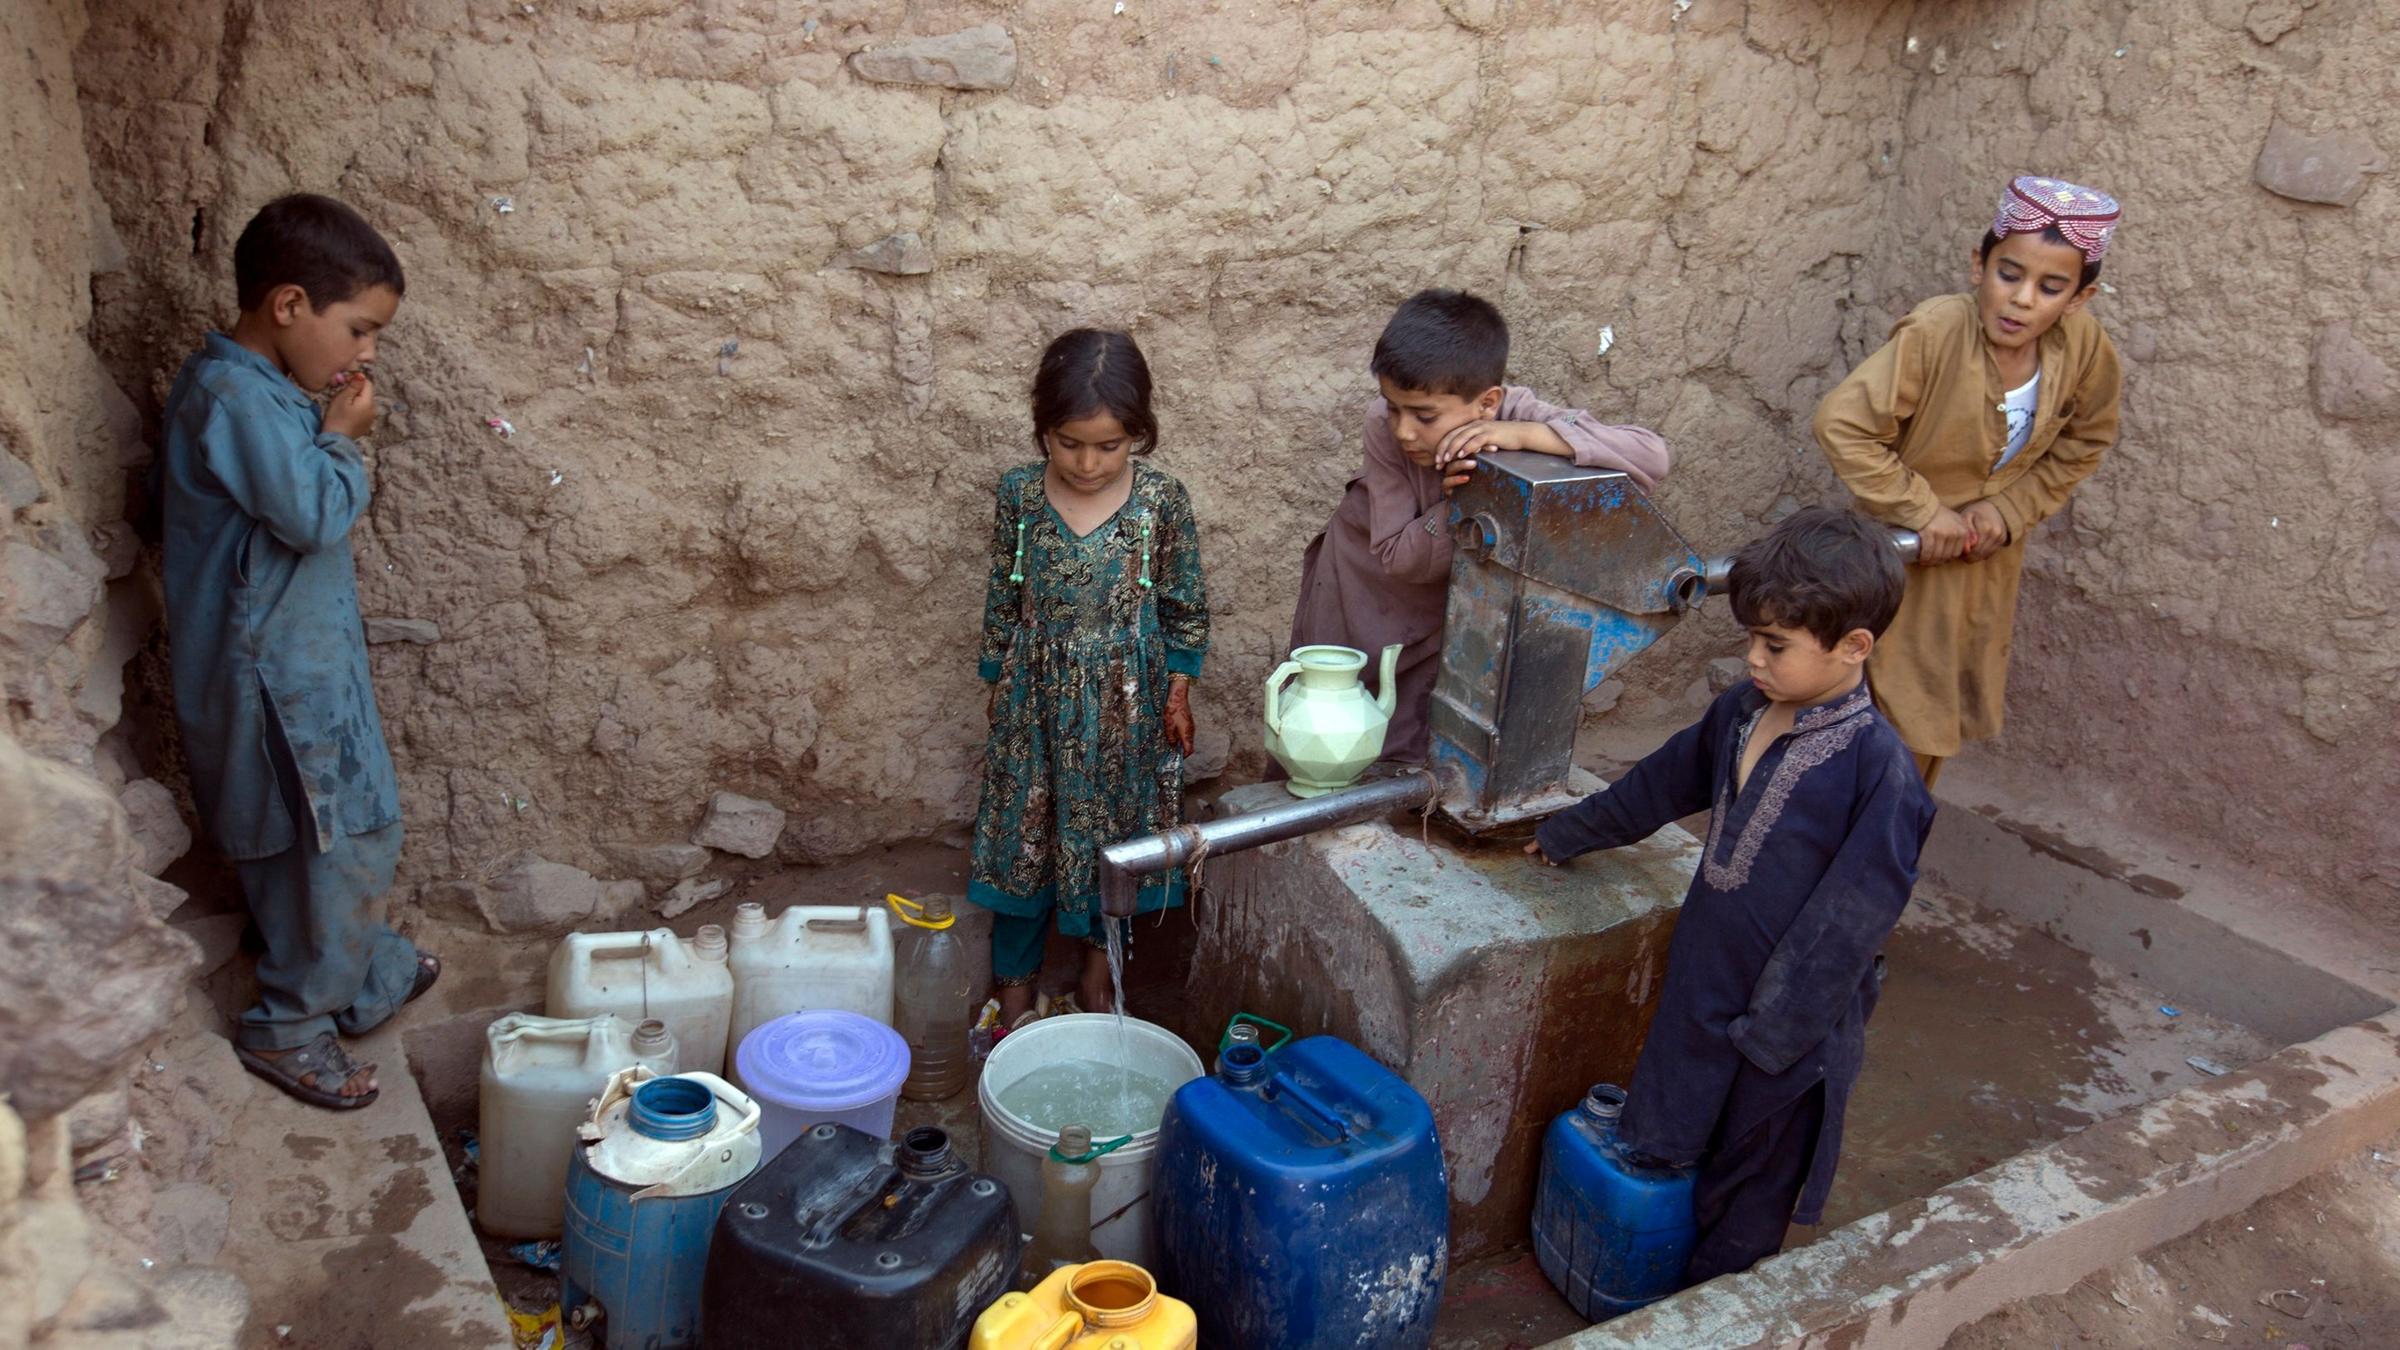 teletext-dpa-image-kinder-in-pakistan-holen-wasser-aus-einem-brunnen-archivbild-100~2400x1350